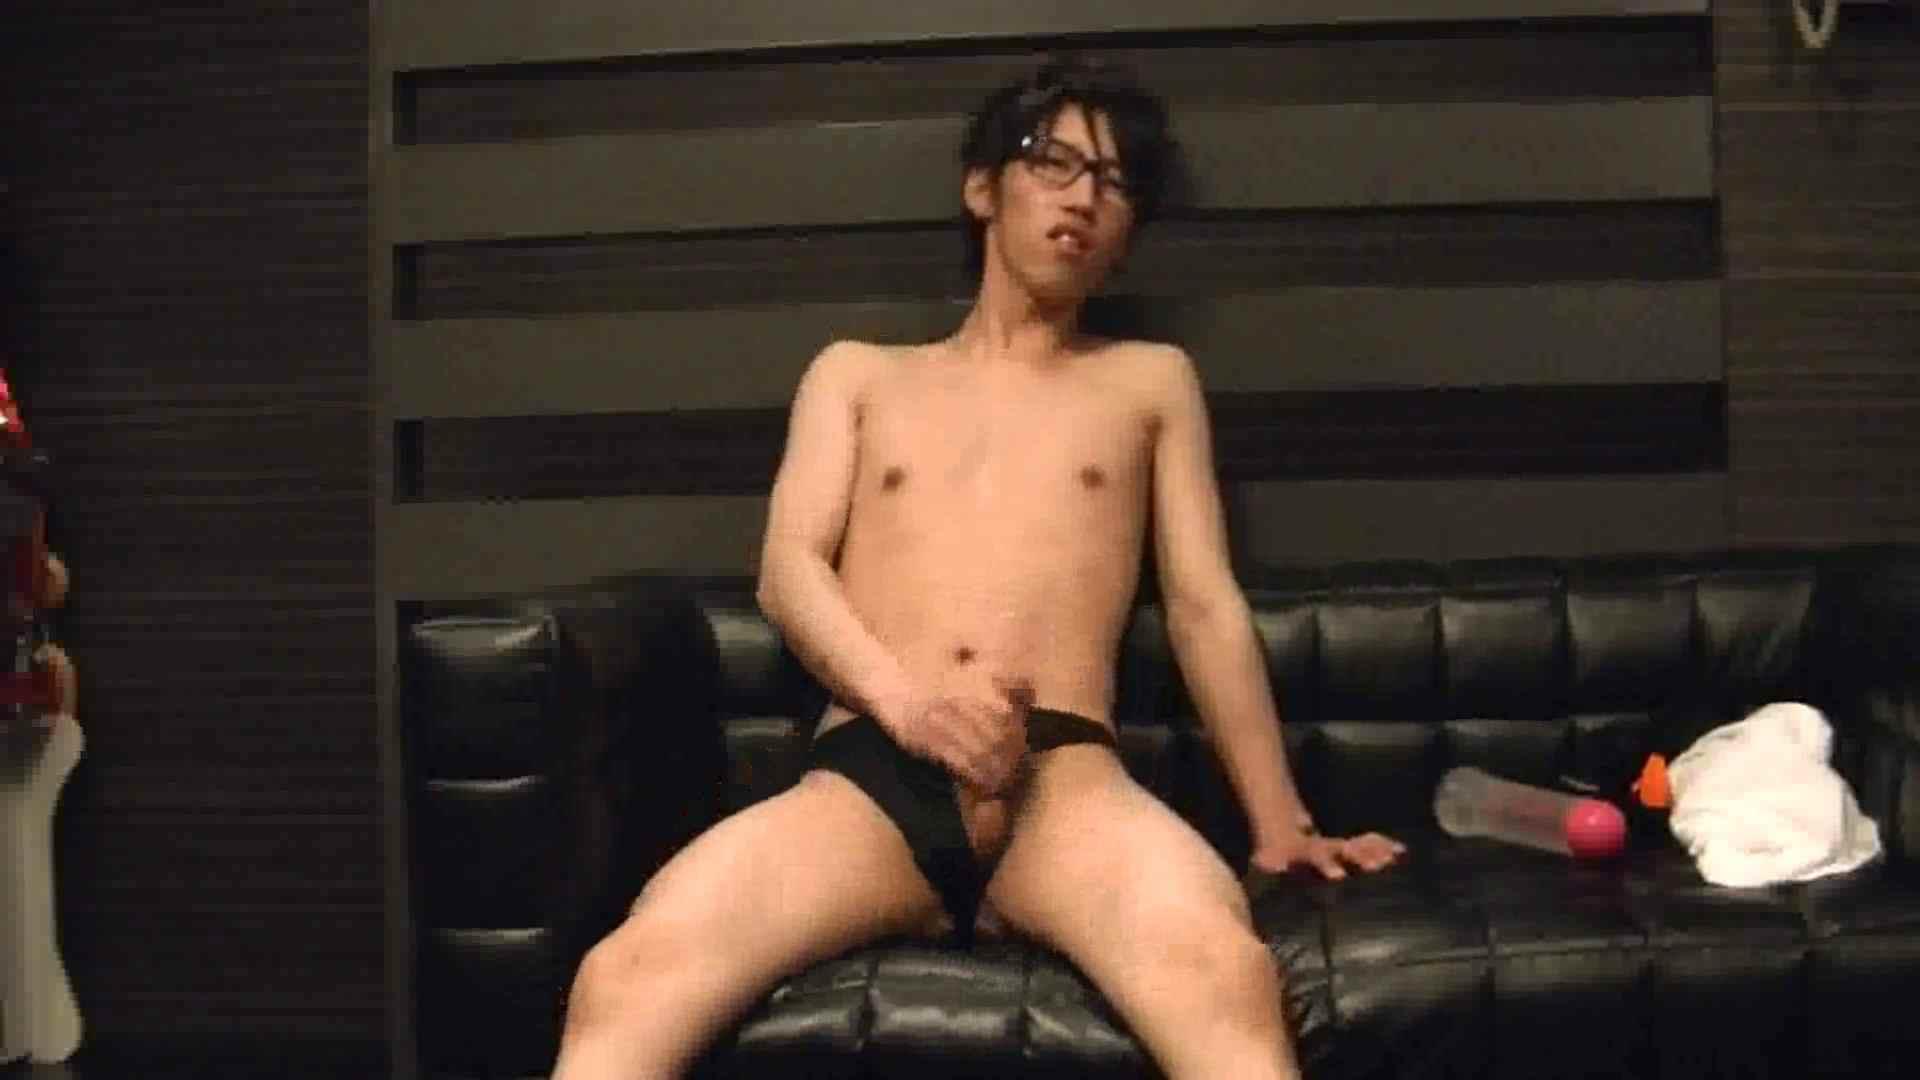 ONA見せカーニバル!! Vol3 ゲイのオナニー映像 | 男祭り  103枚 93